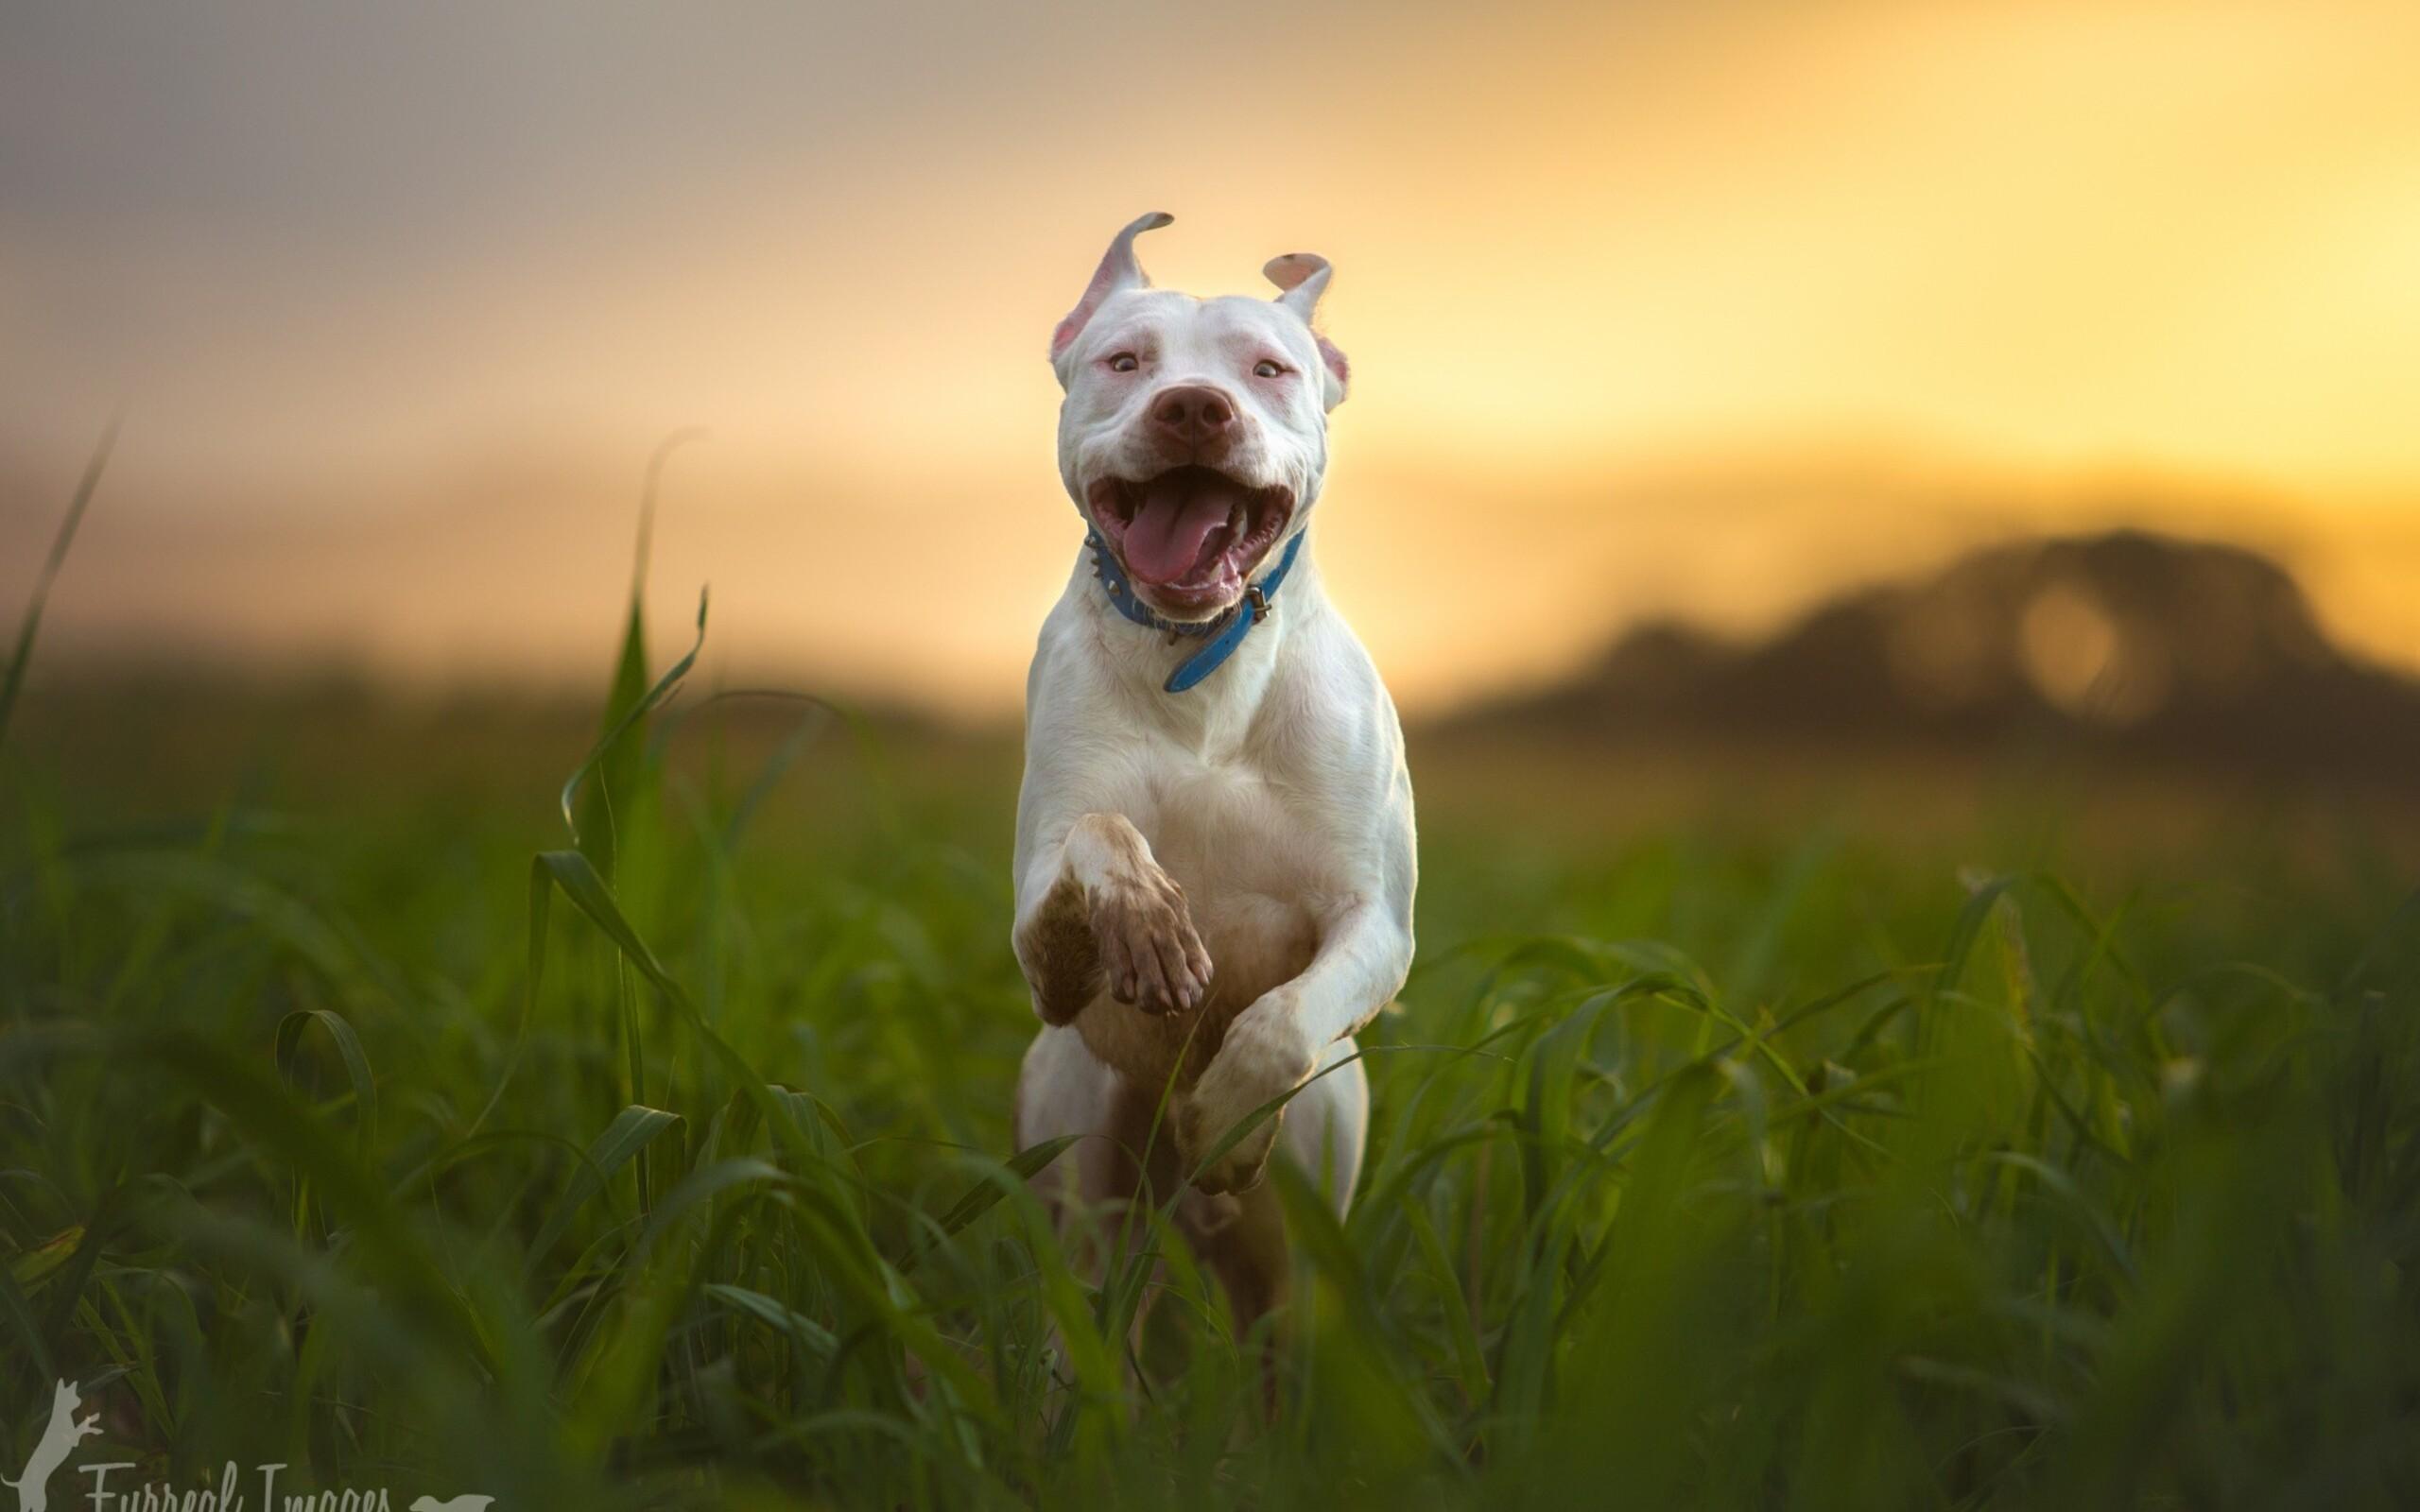 pitbull dog breed running